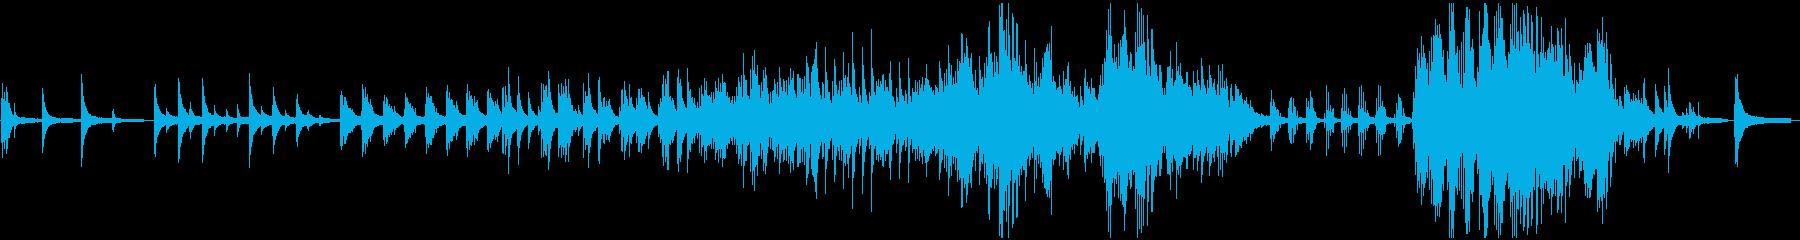 ピアノソロ:サビ2分41秒:癒しの再生済みの波形